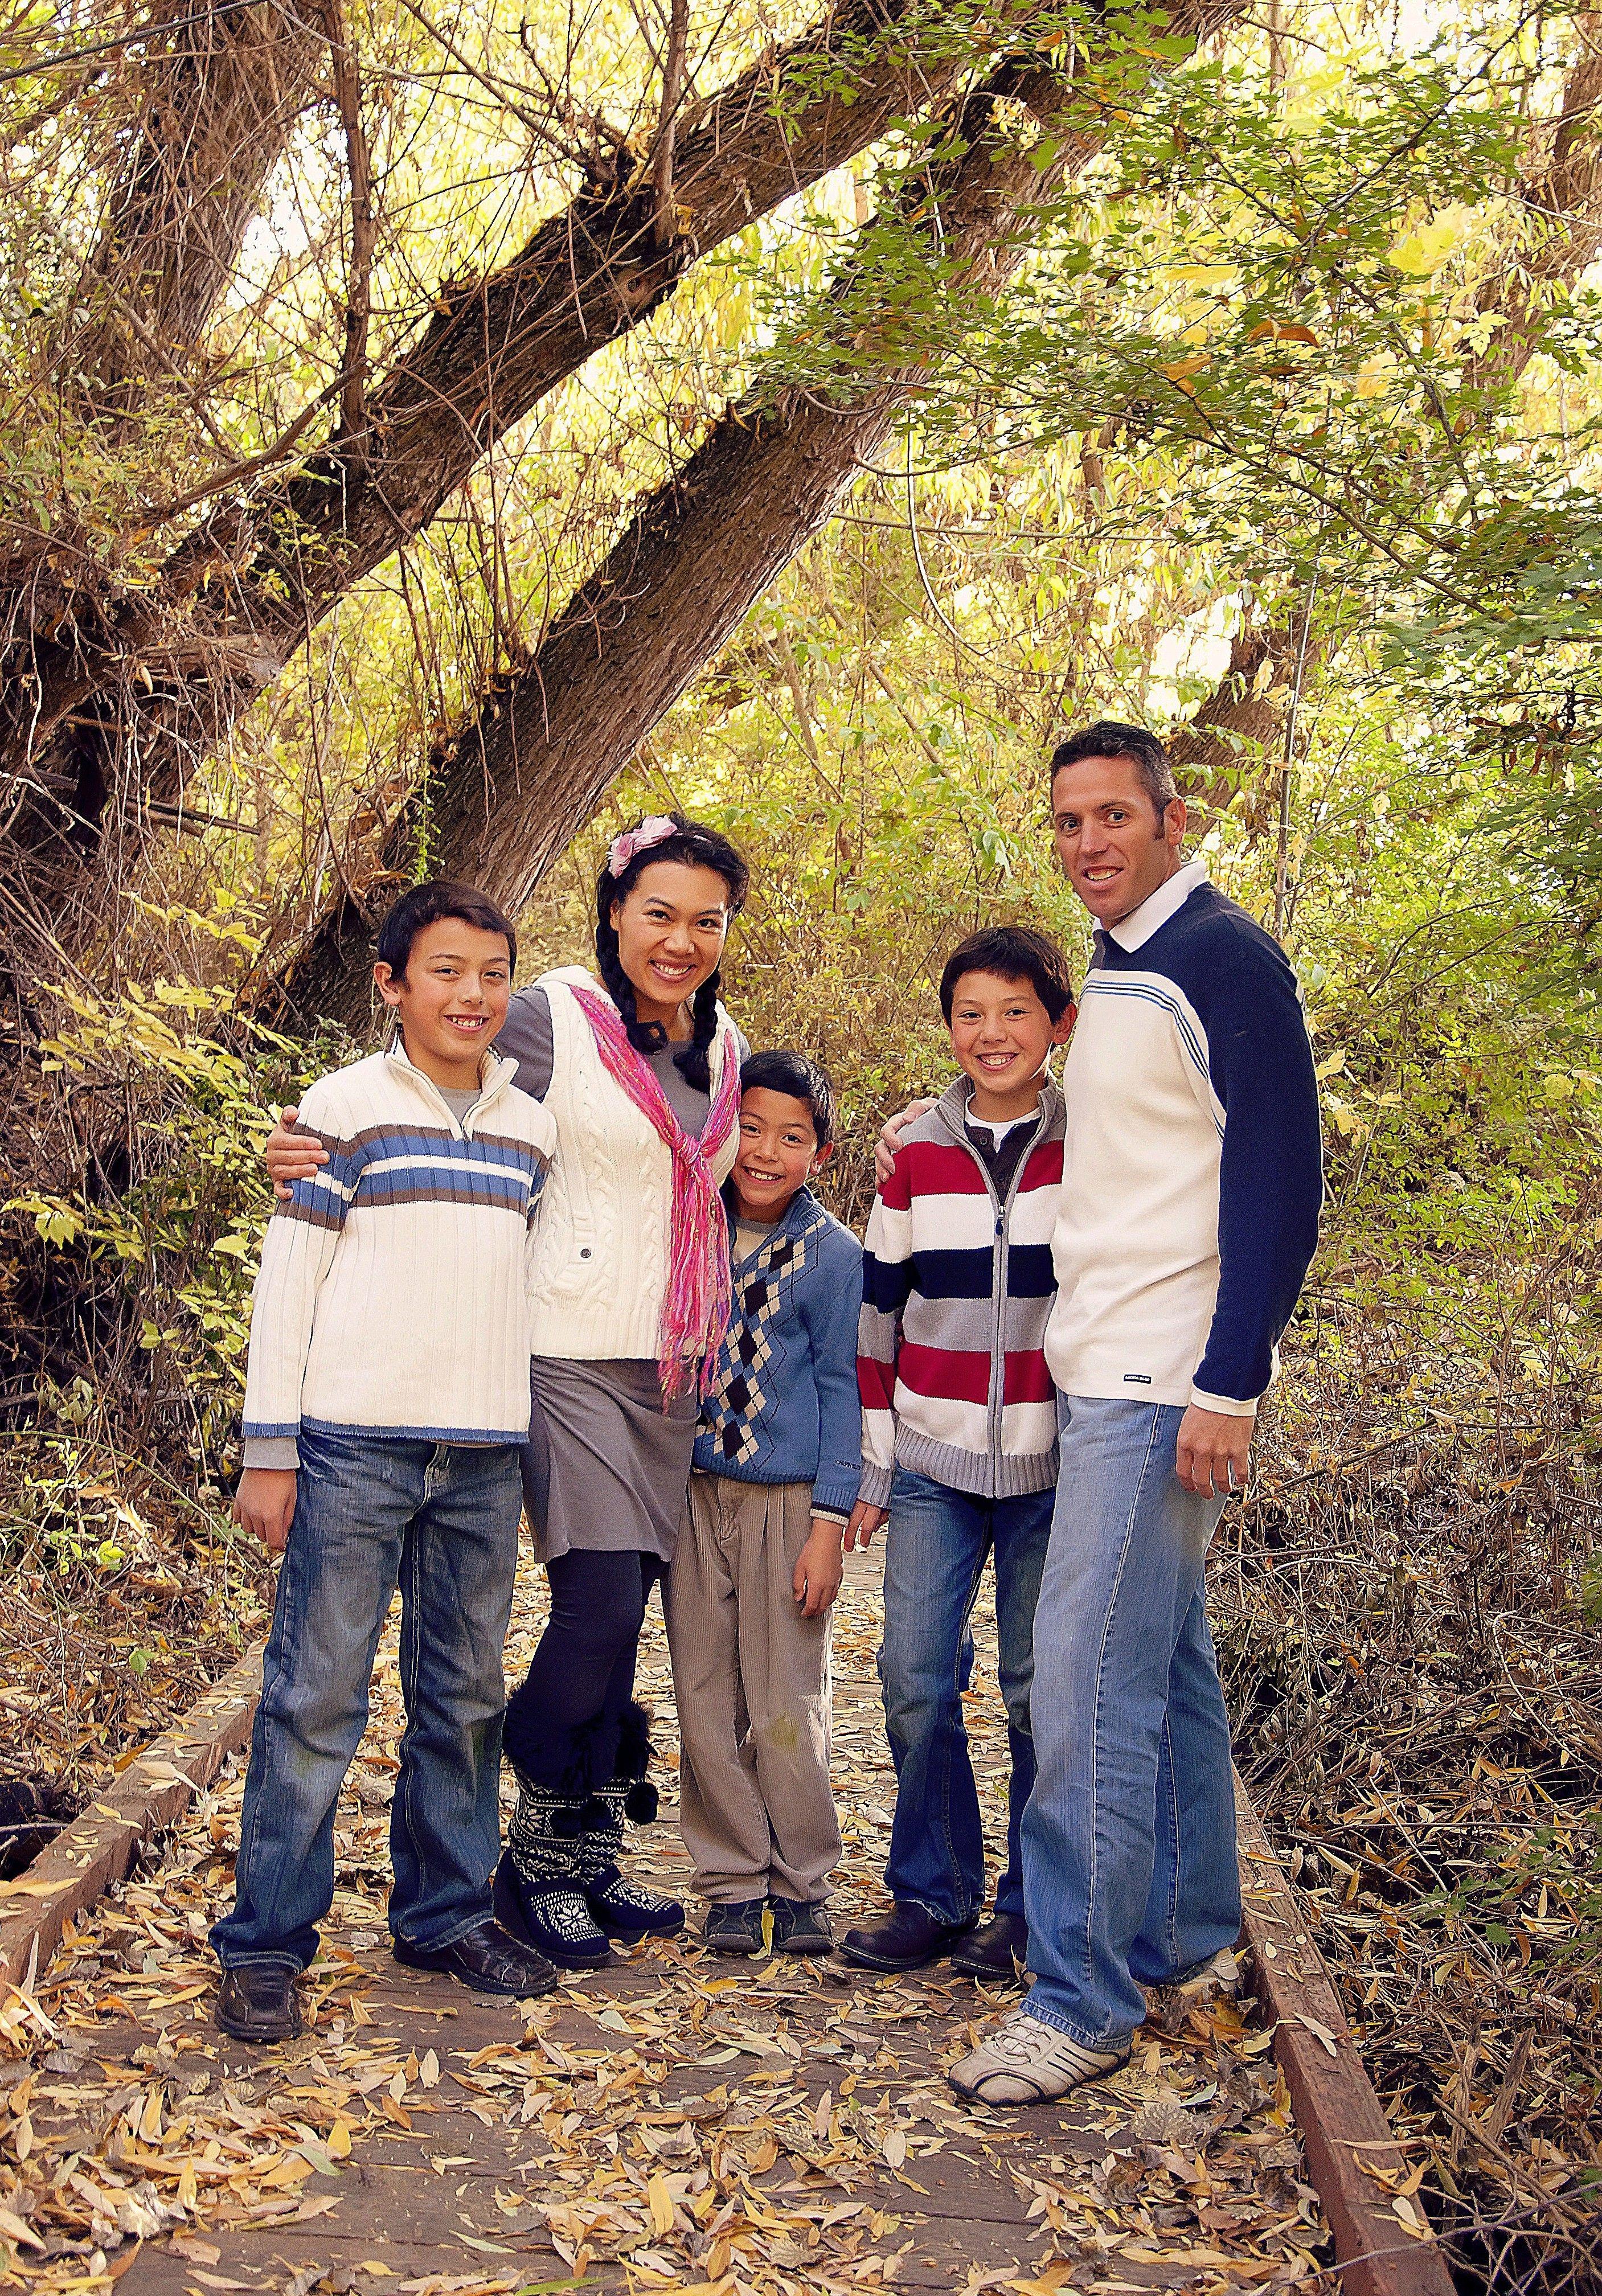 A family portrait taken in autumn.